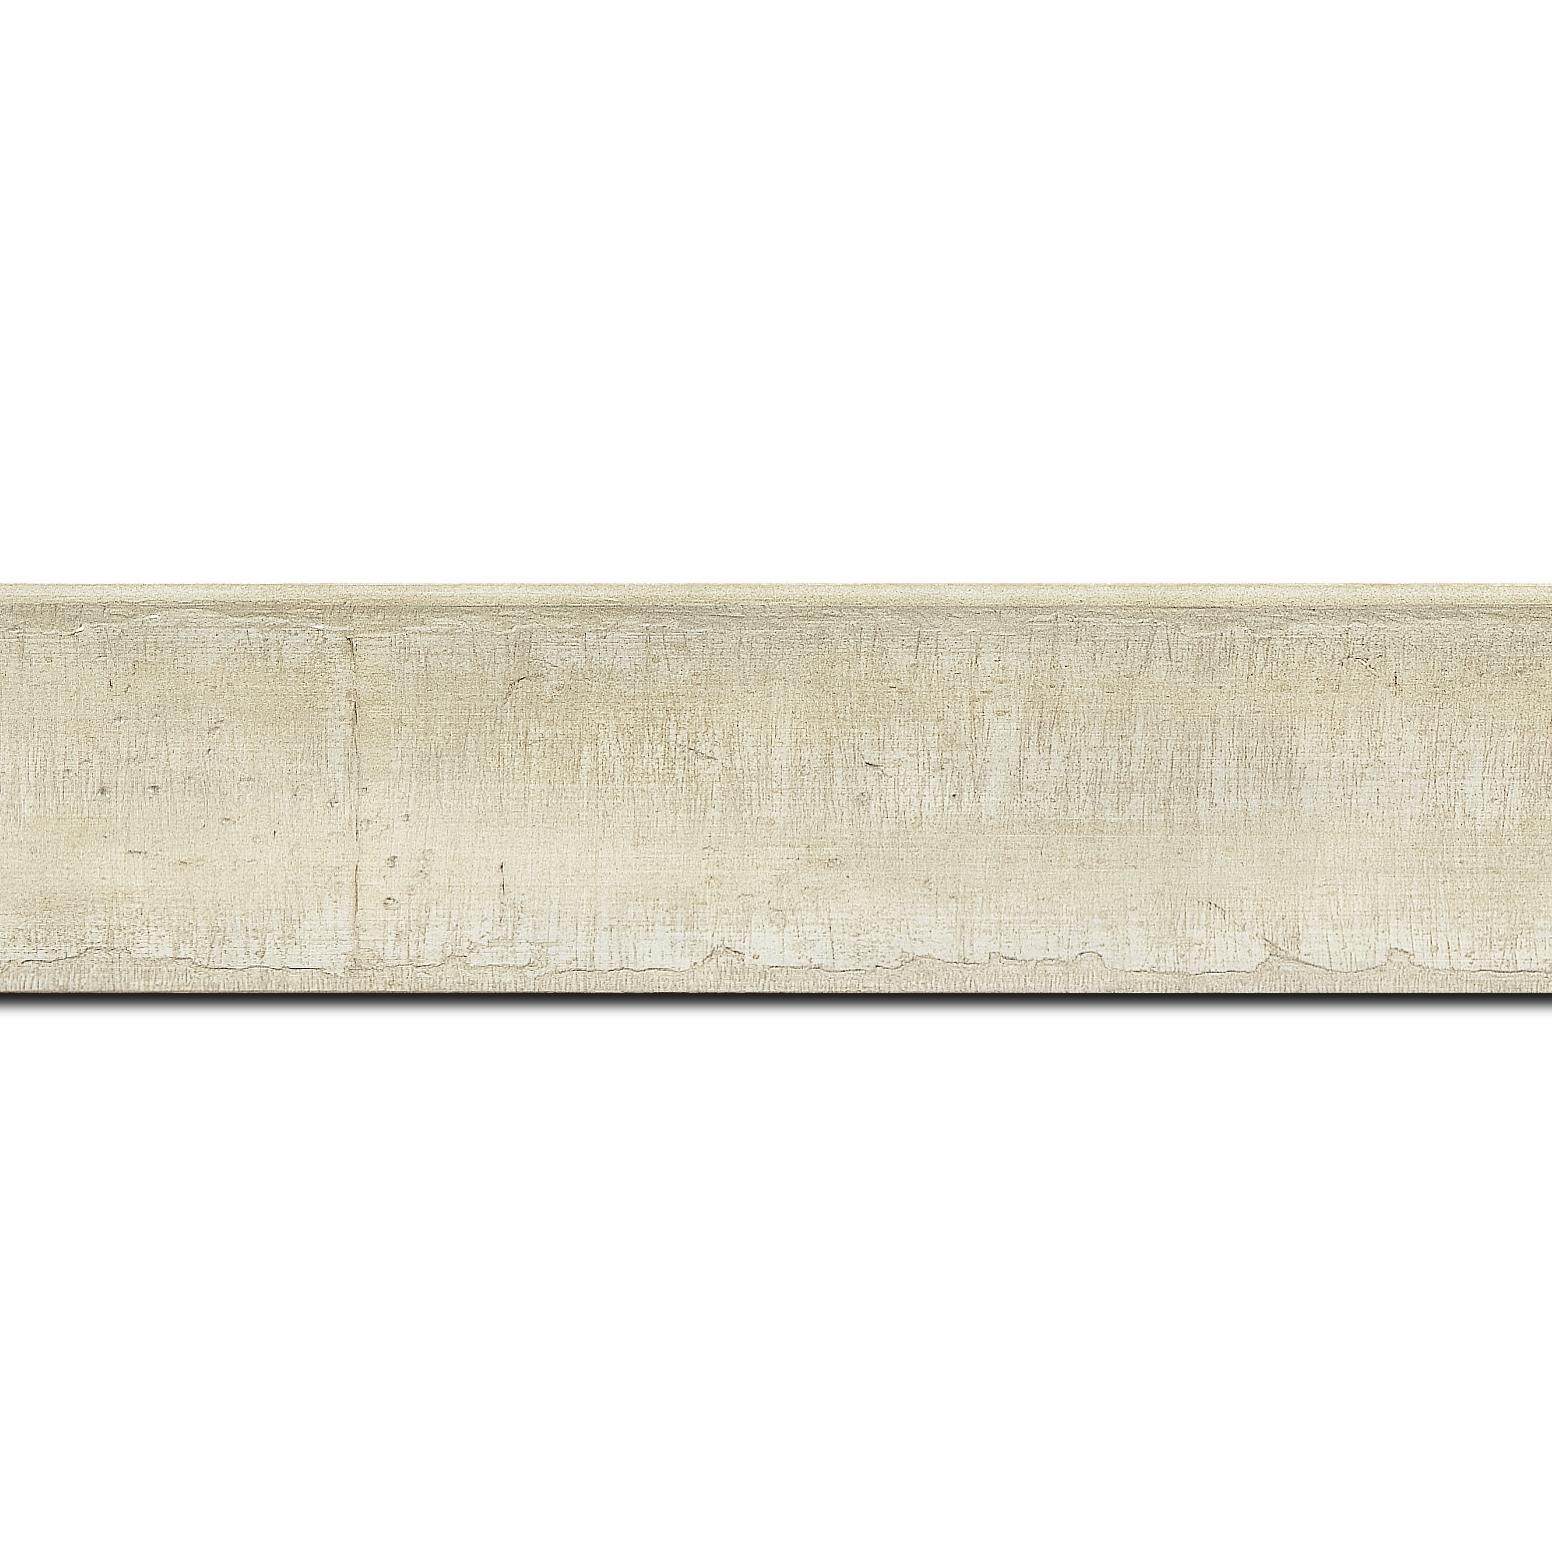 Baguette longueur 1.40m bois profil incurvé largeur 4.1cm couleur crème effet plaquage